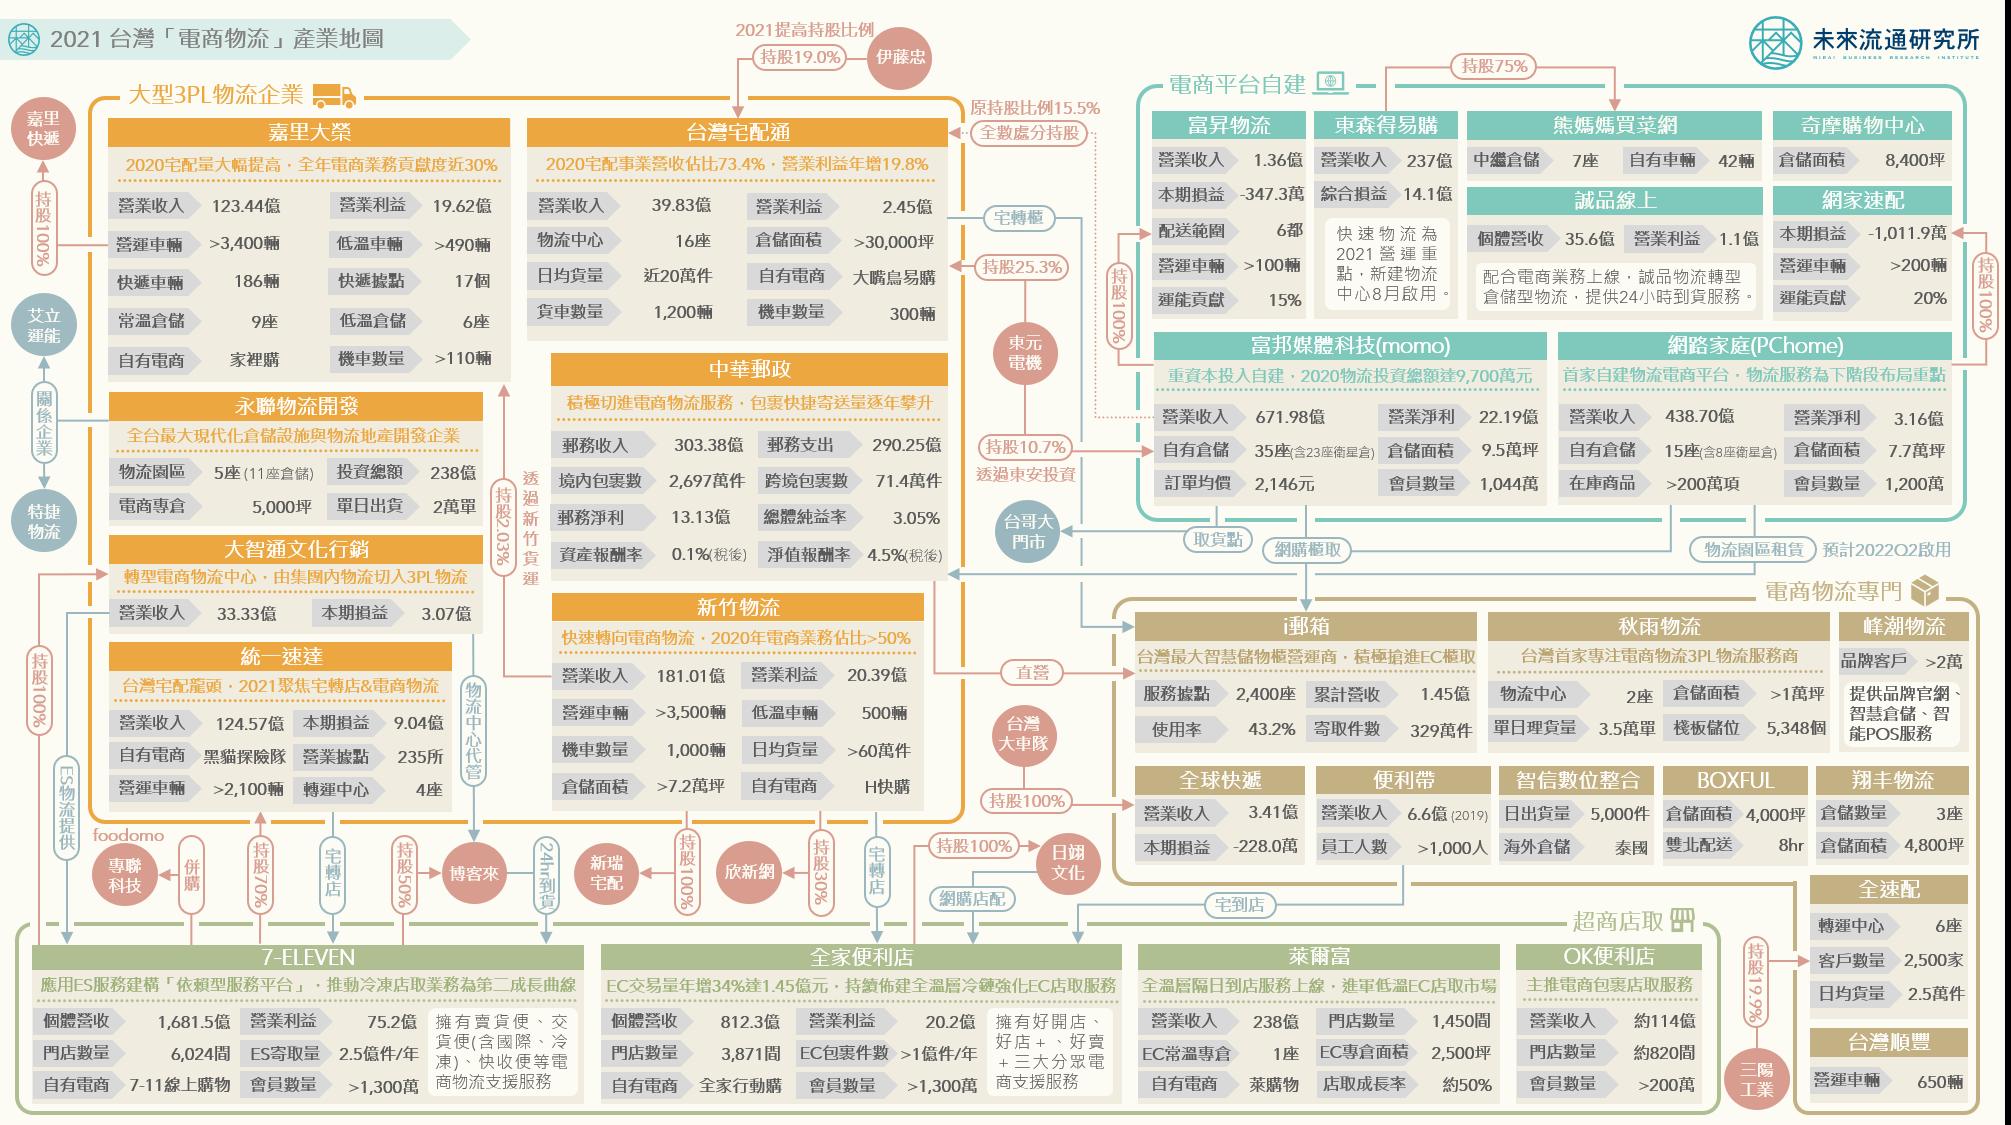 2021 台灣「電商物流」產業地圖